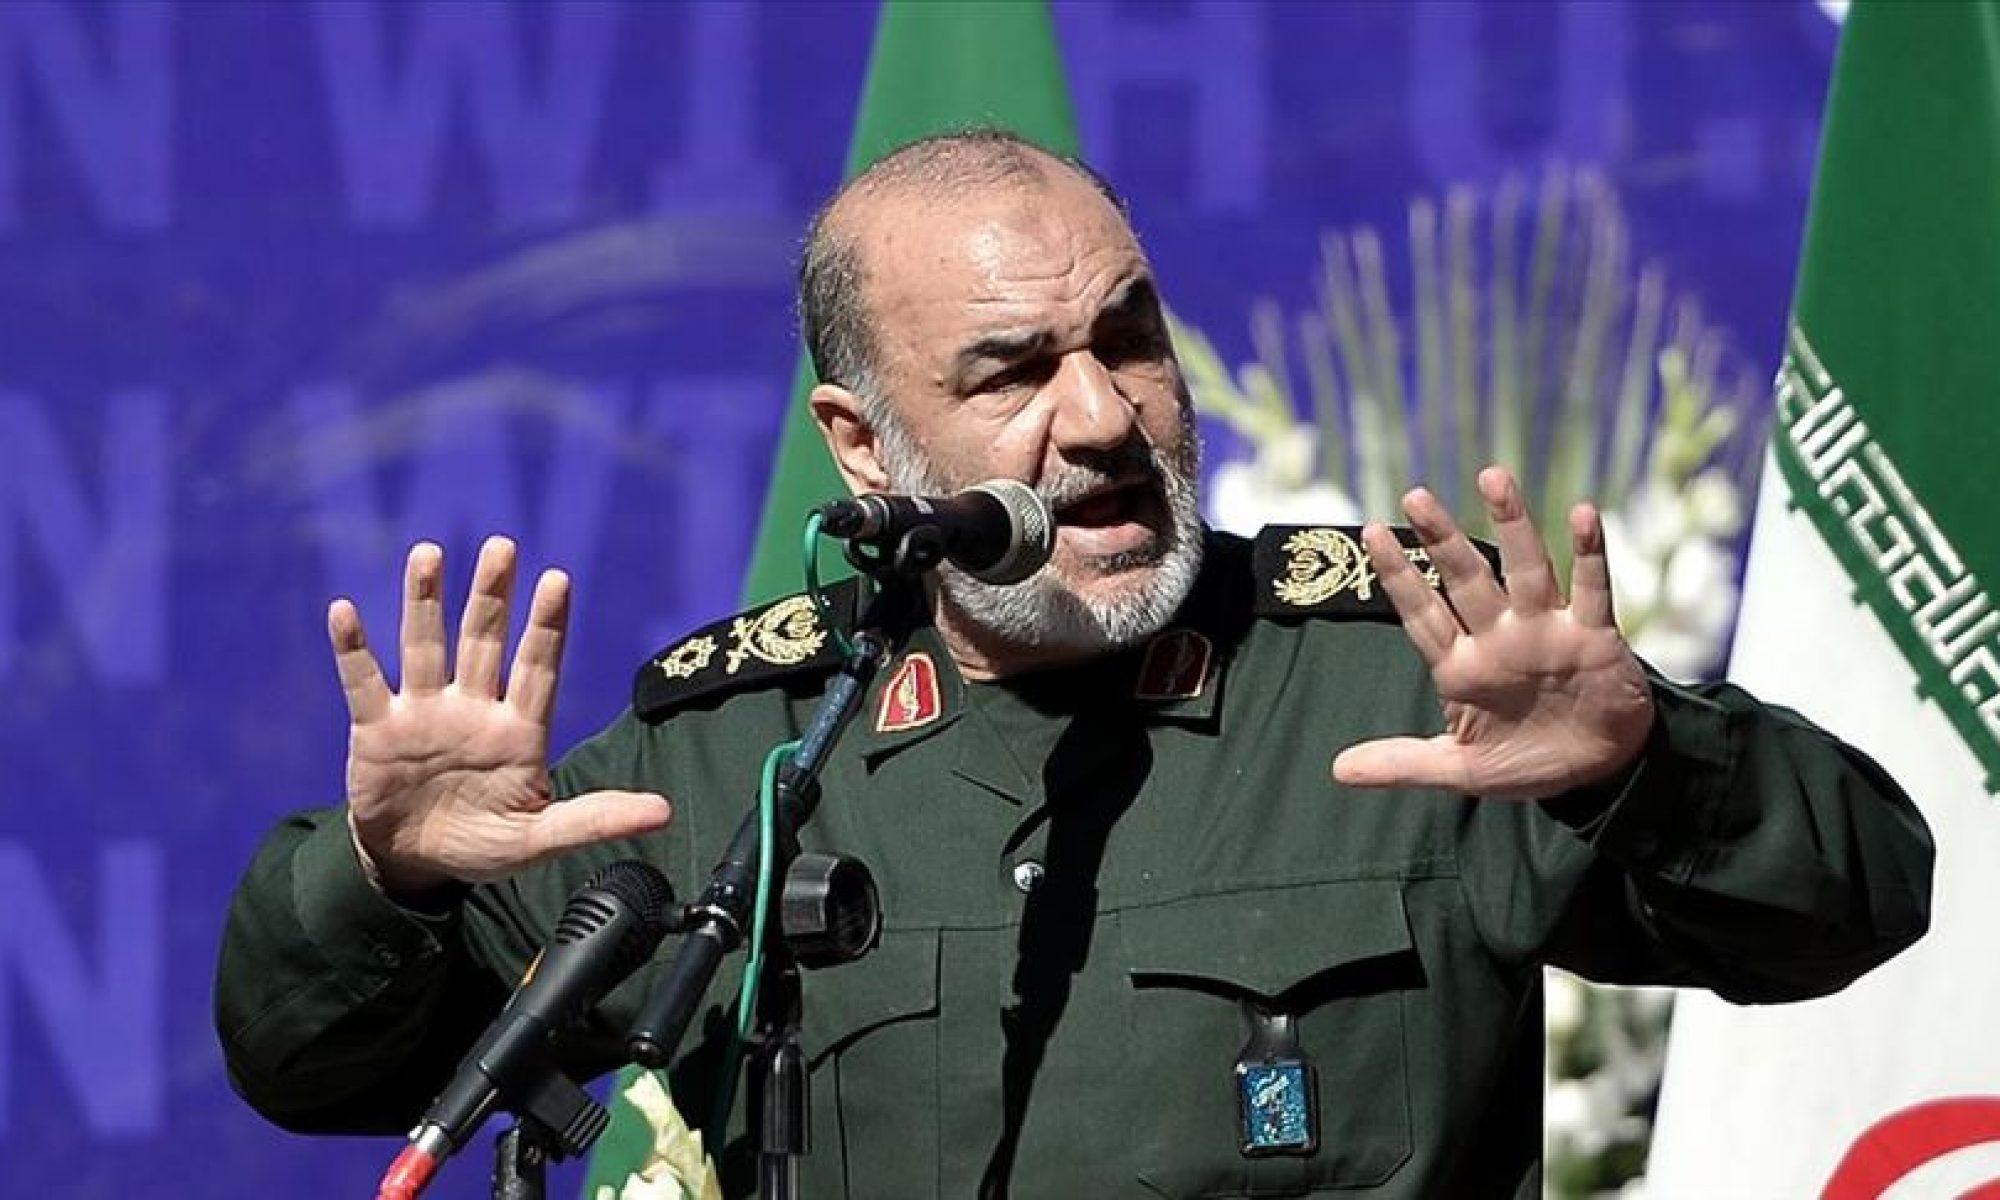 İranDevrim Muhafızları Ordusu Genel Komutanı Tümgeneral: Kasım Süleymaninin kanının bedeli ABD rejiminin yıkılmasıdır